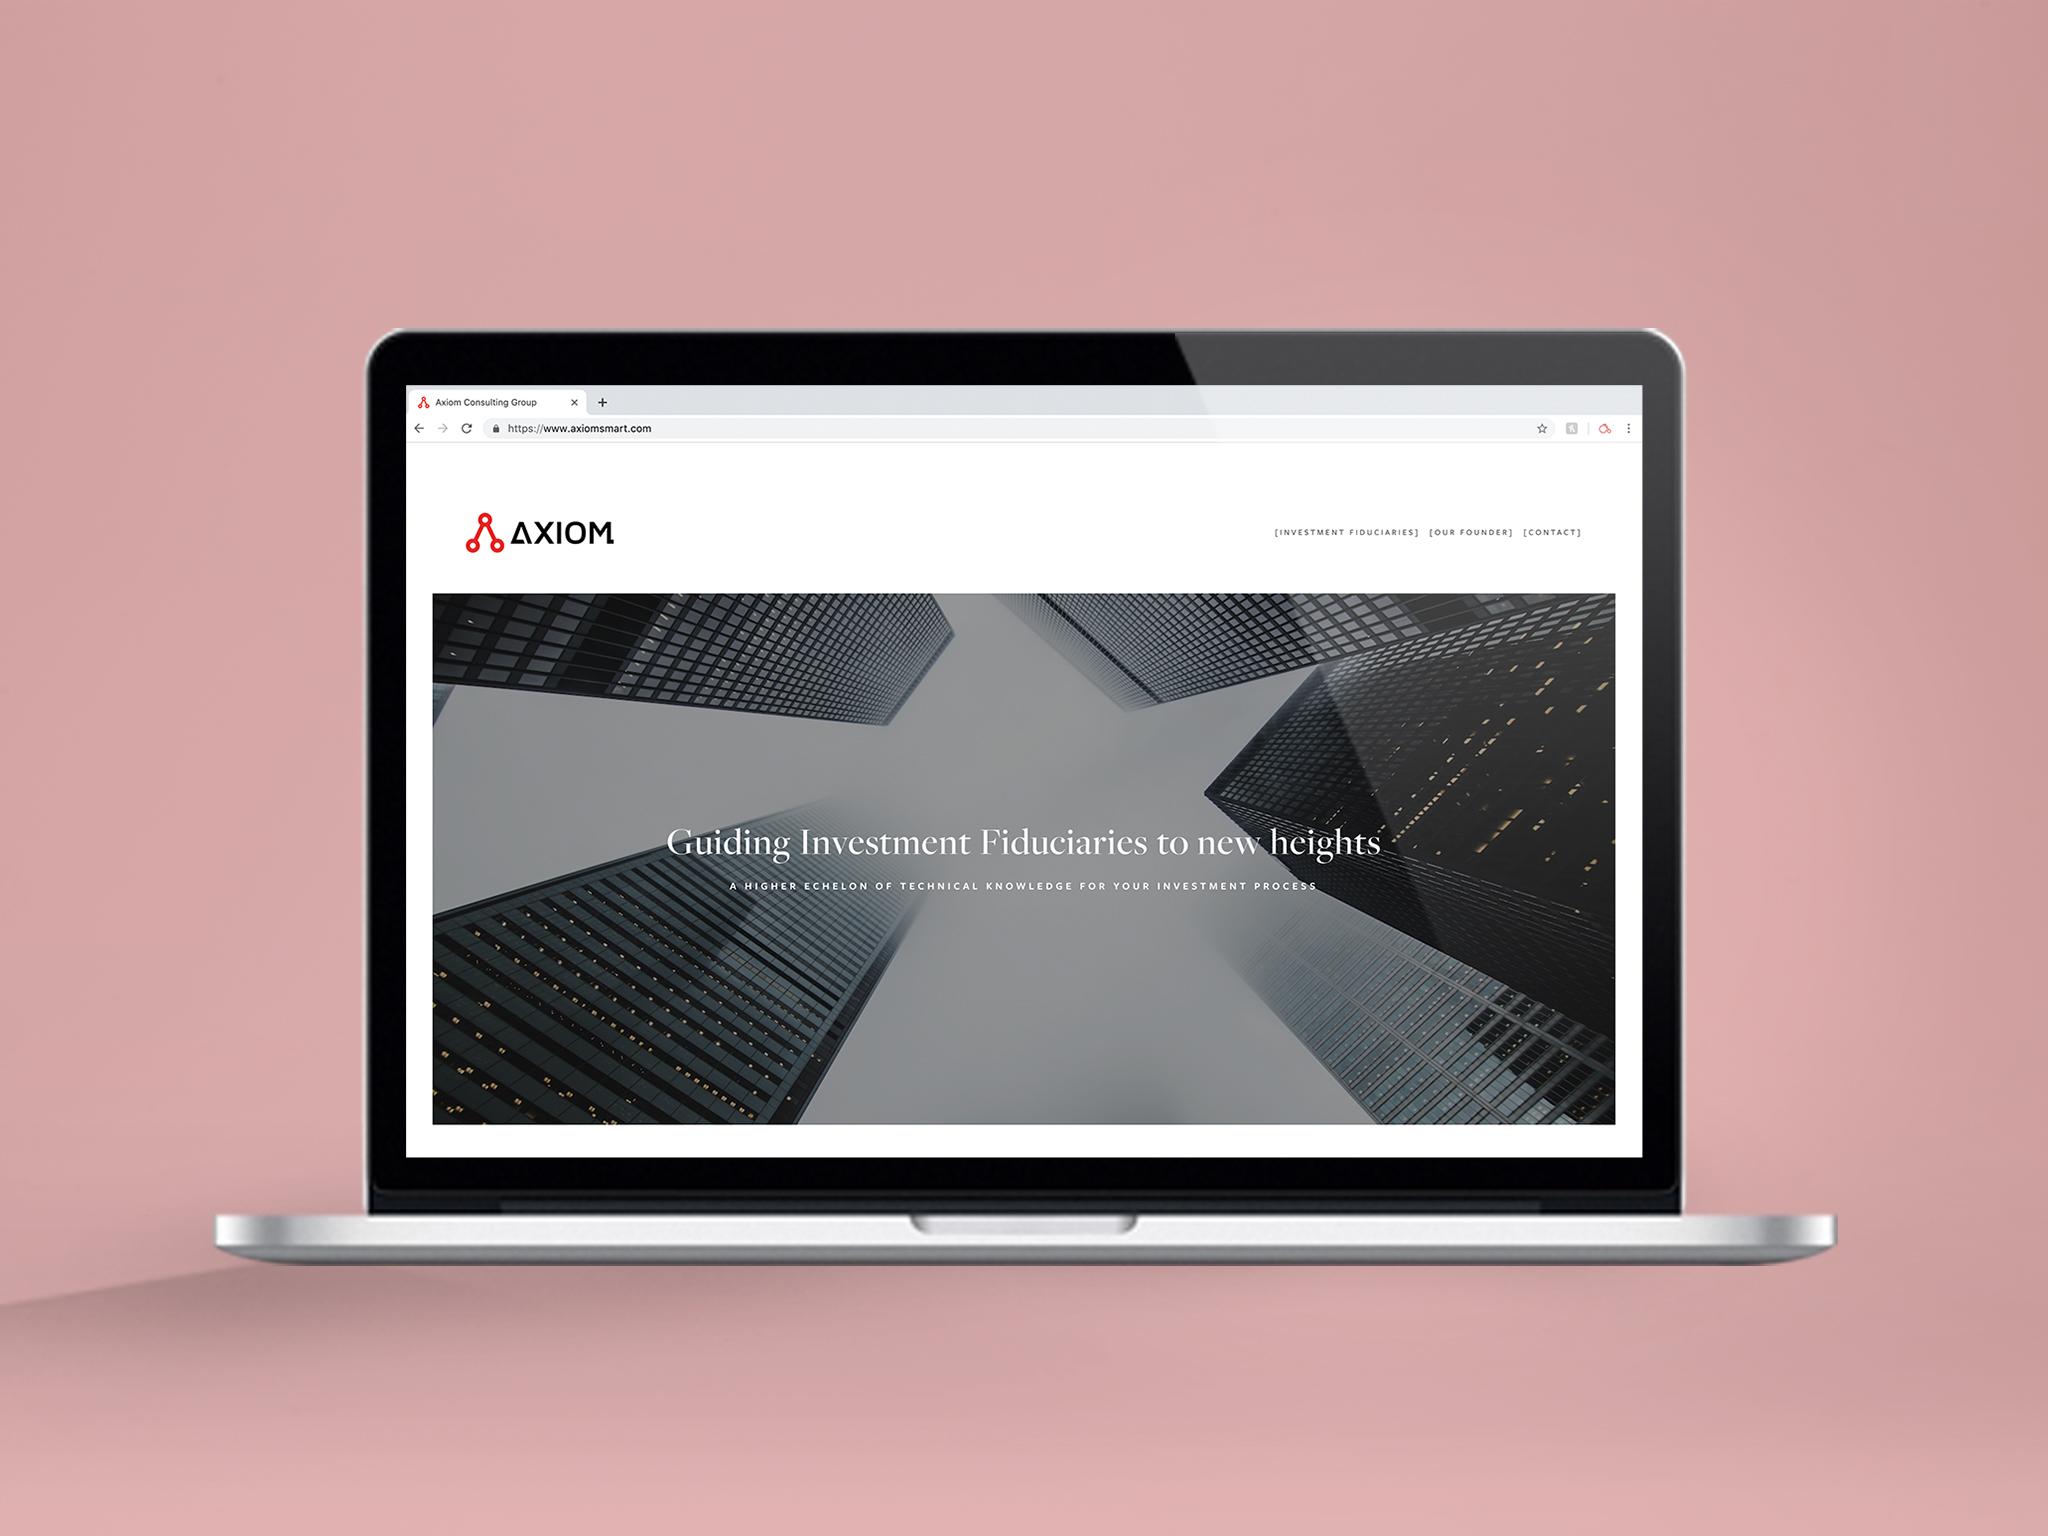 axiom-website.jpg